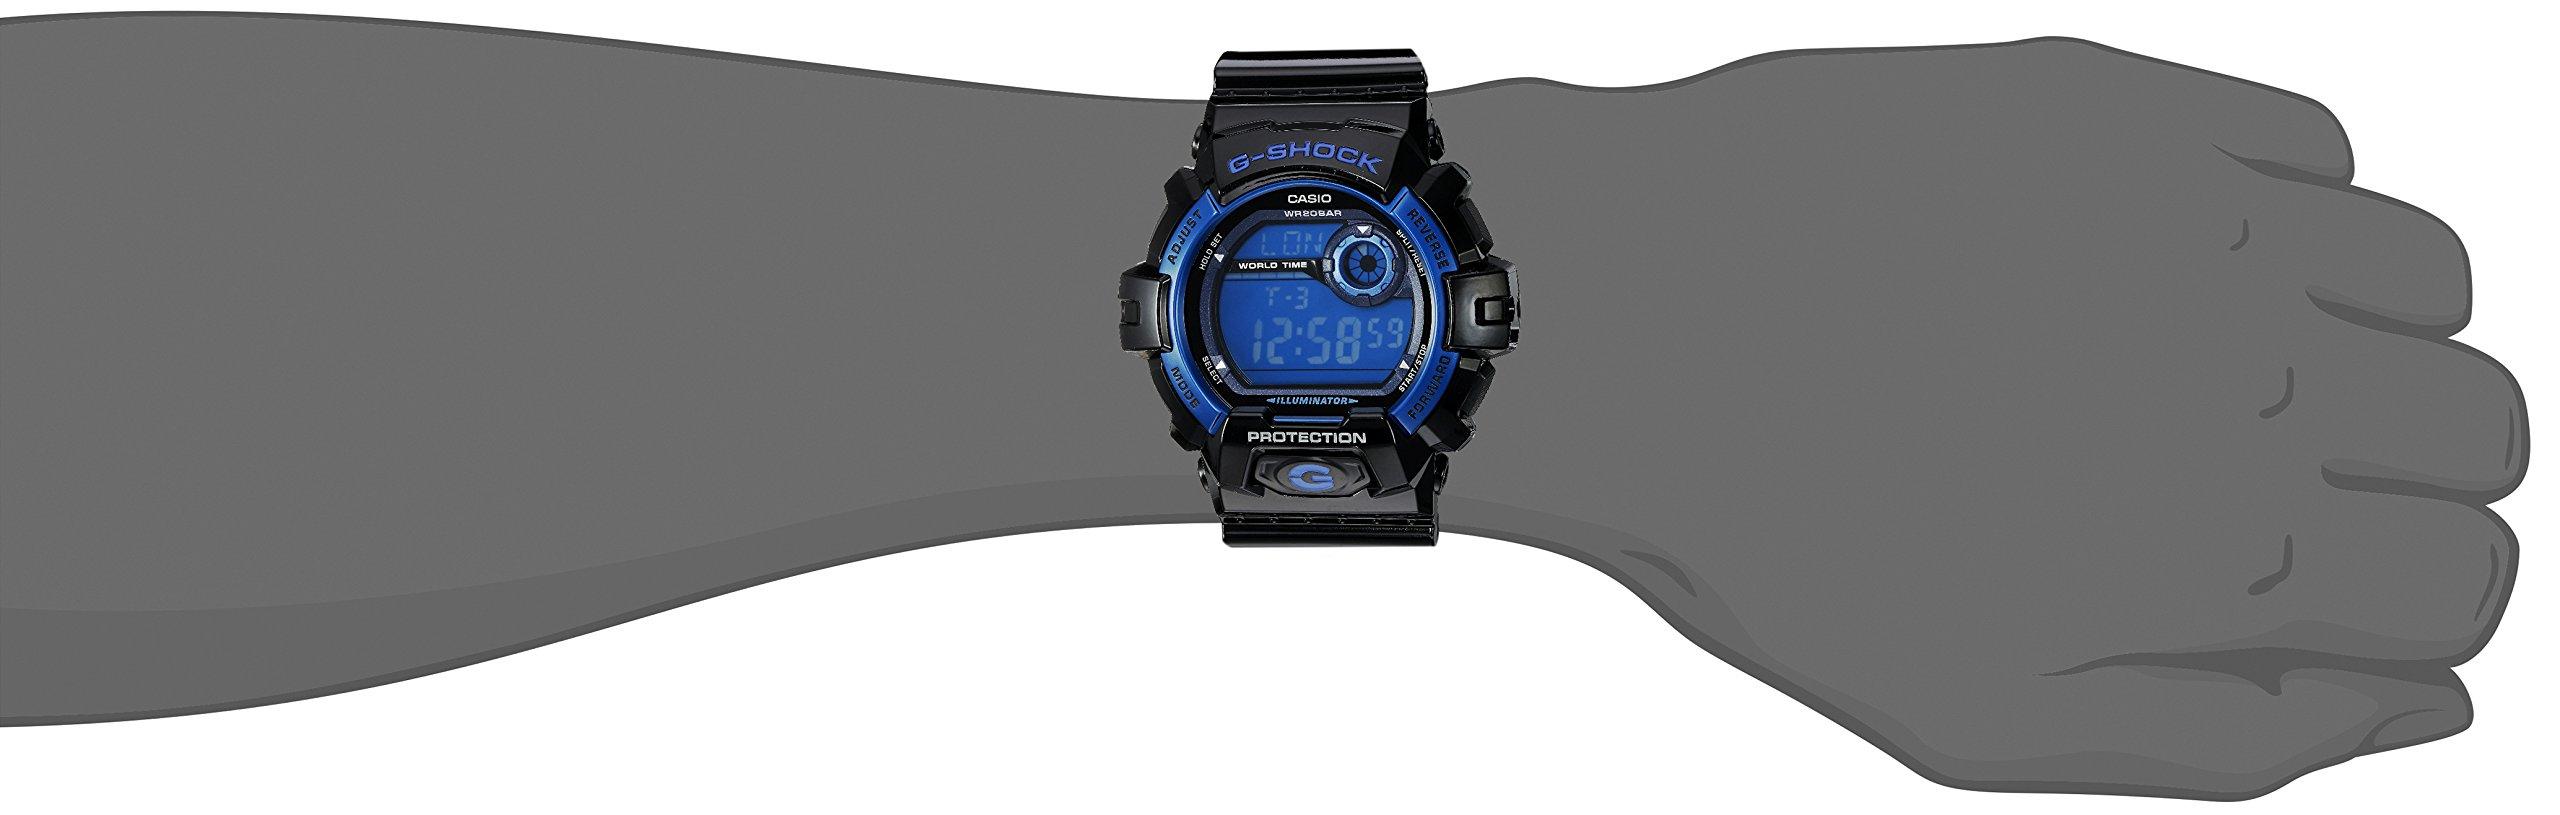 6a4b2a245ec Casio Men s G8900A-1CR G-Shock Black and Blue Resin Digital Sport Watch -  G8900A-1CR   Sport Watches   Sports   Outdoors - tibs